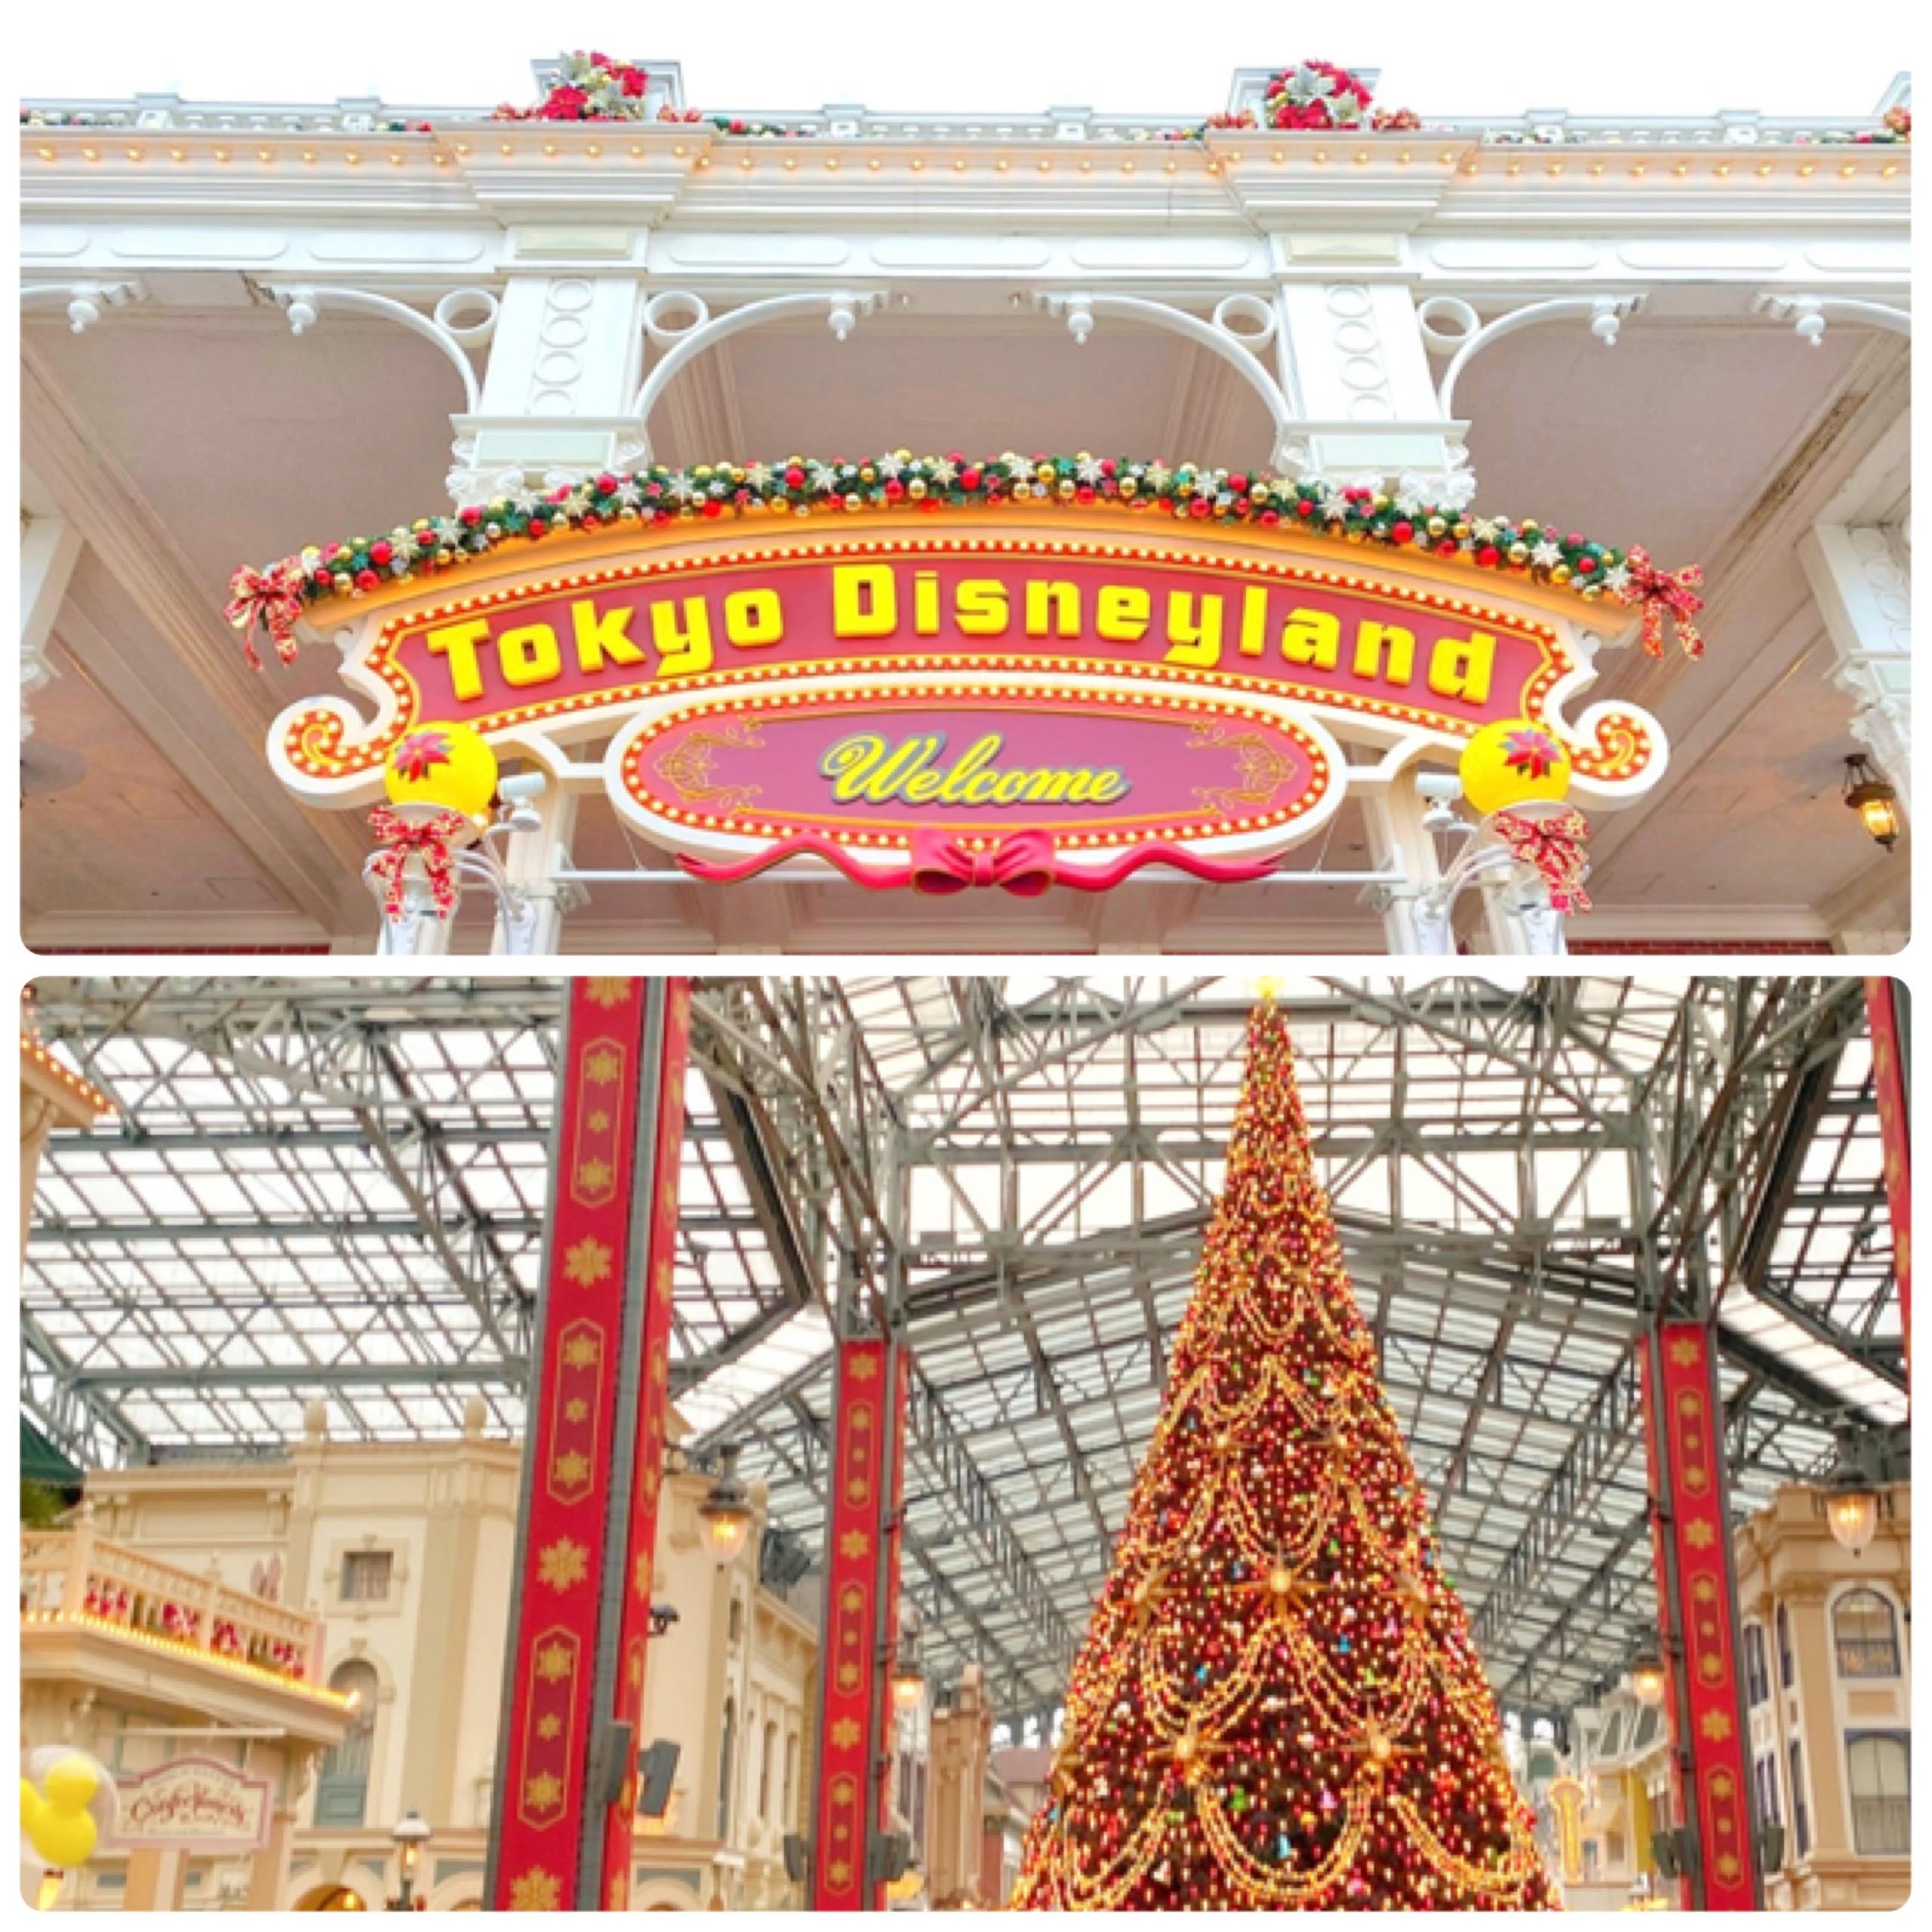 【2019年クリスマスデートスポット特集】- カップルで楽しめるイルミネーションスポットやテーマパークなどの限定グルメ情報まとめ_17